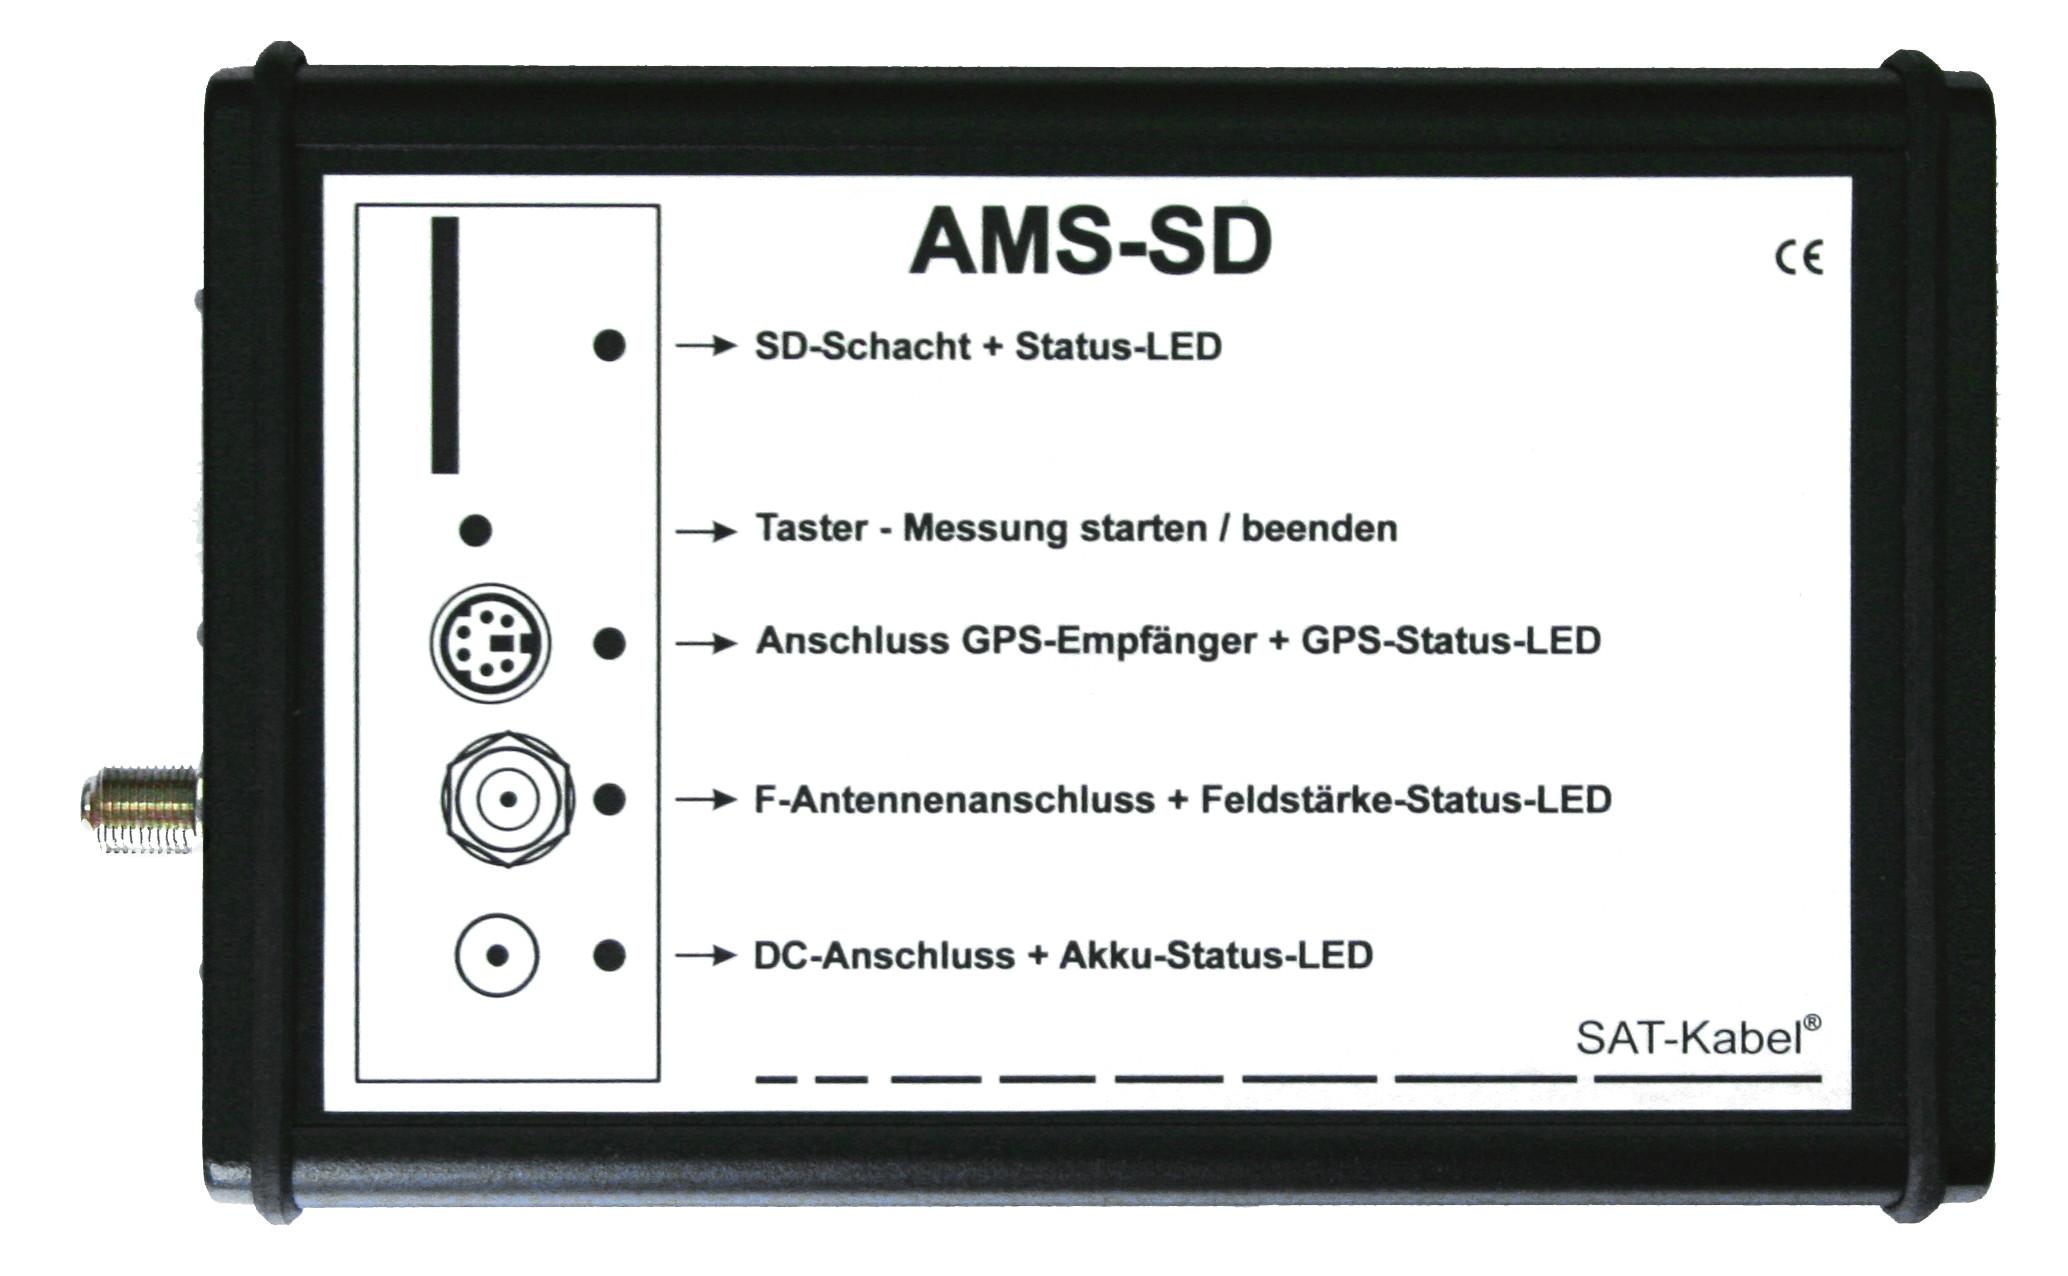 AMS-SD